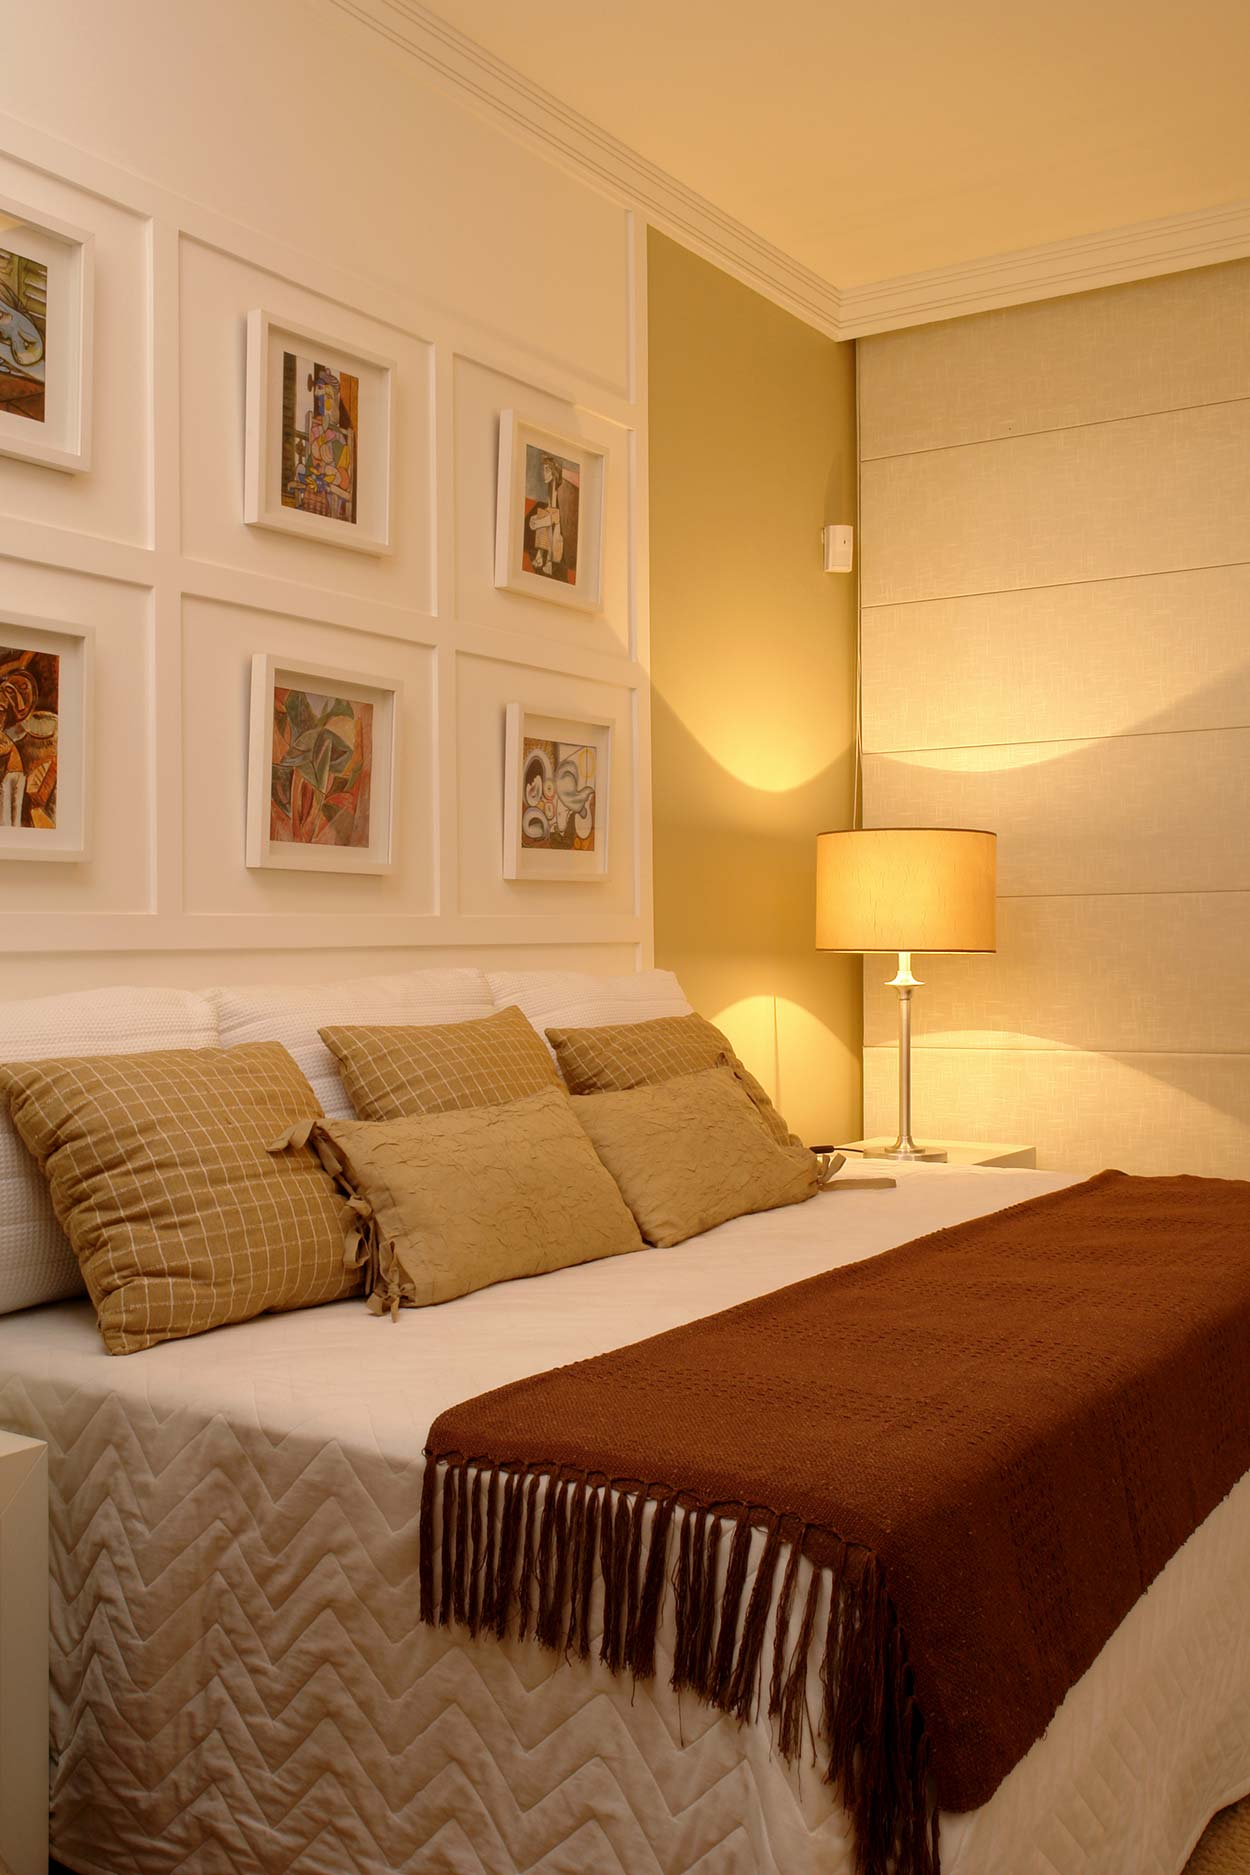 veridianaperes-interiores-residenciapp12